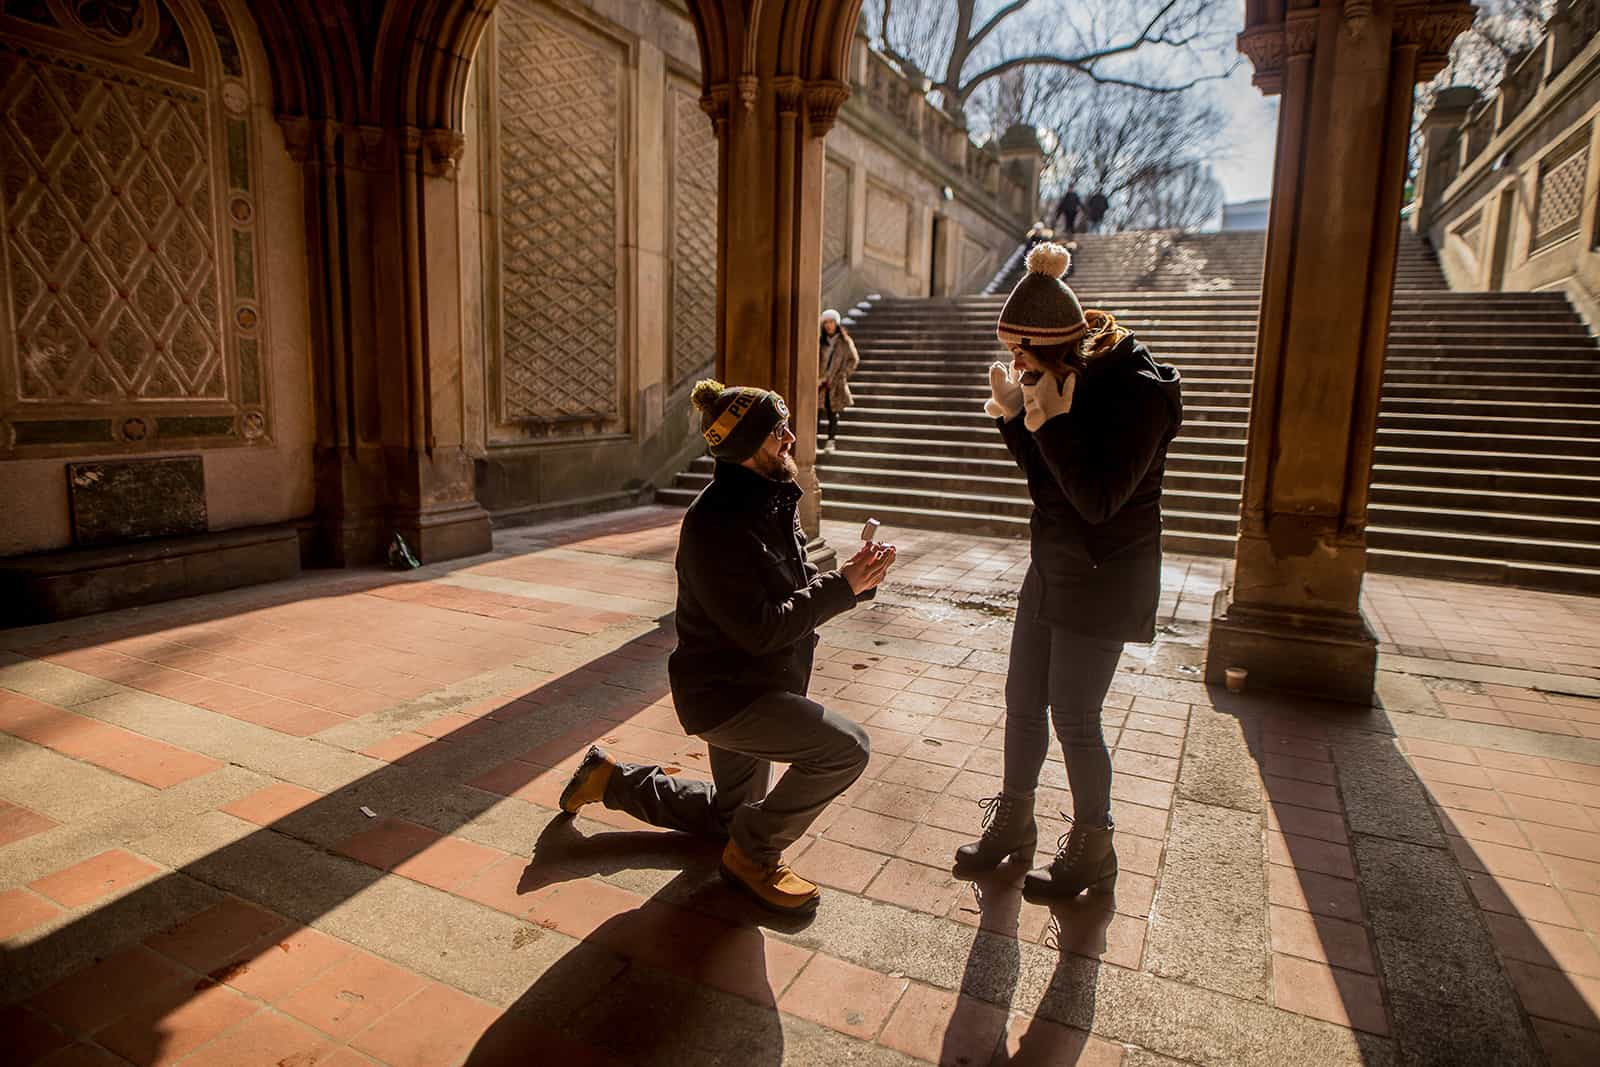 Ein Mann auf den Knien schlug eine Frau vor, an der Stelle, an der sie sich das erste Mal trafen